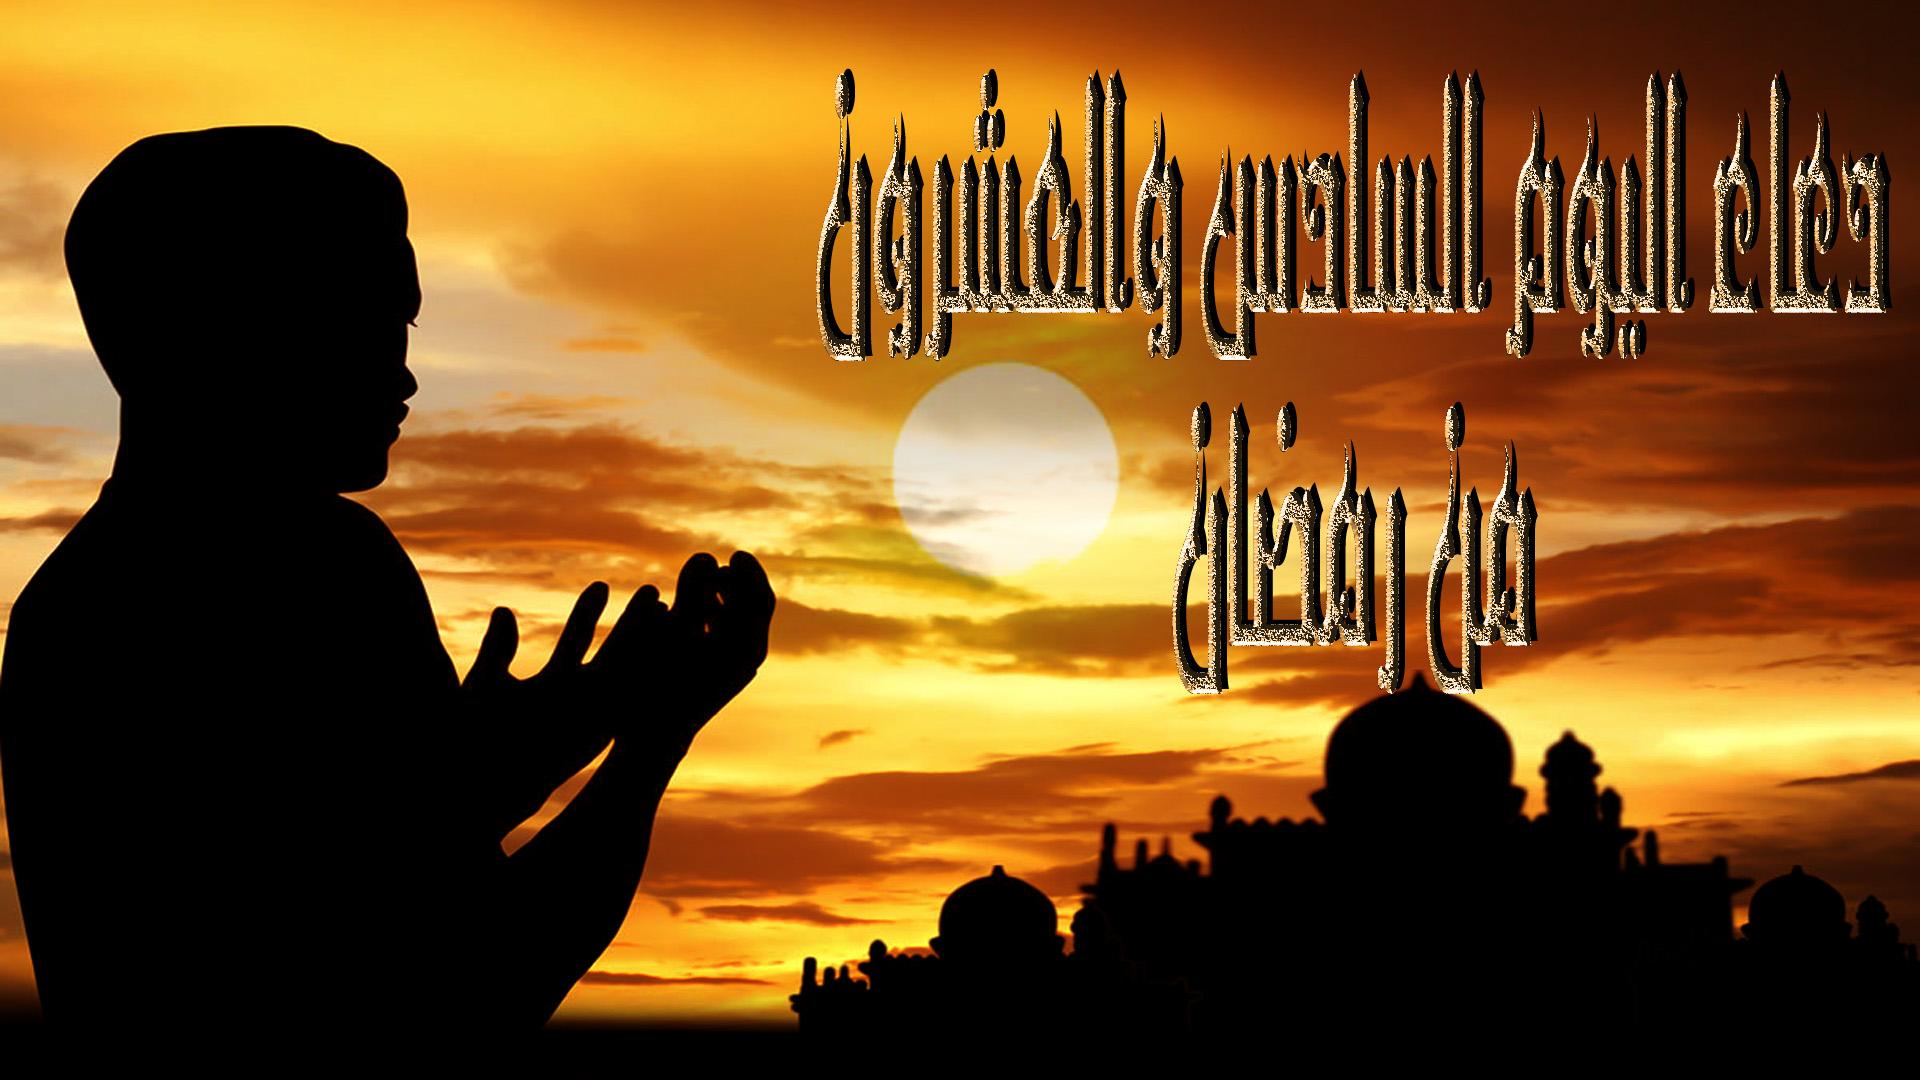 أدعية أيام شهر رمضان ( دعاء اليوم السادس والعشرون )